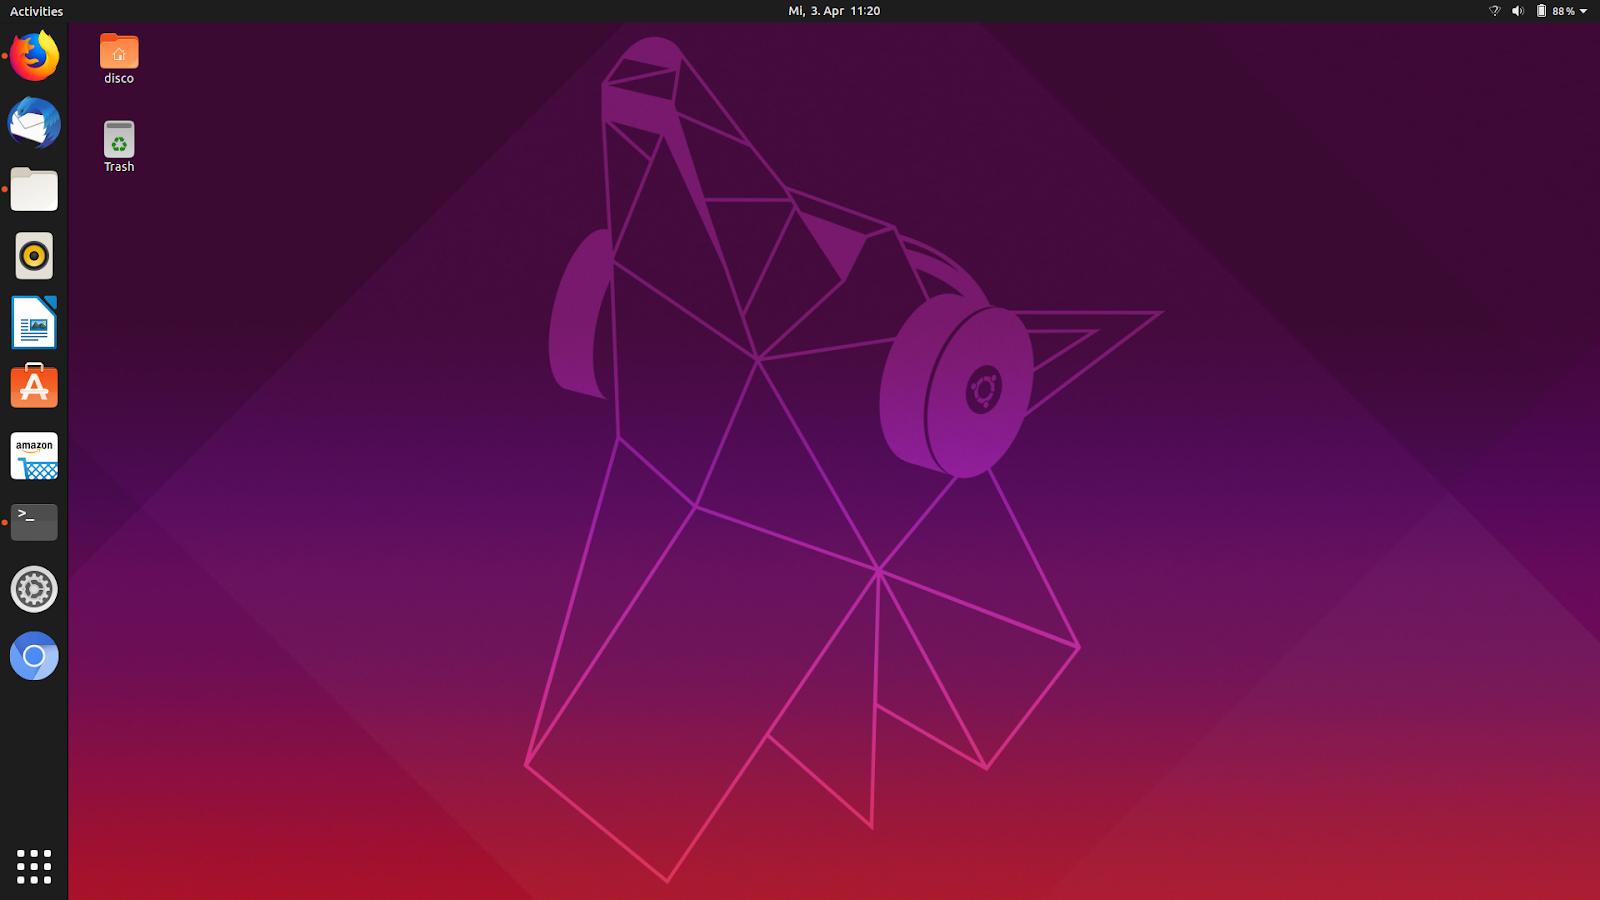 ubuntu 19.04 updates